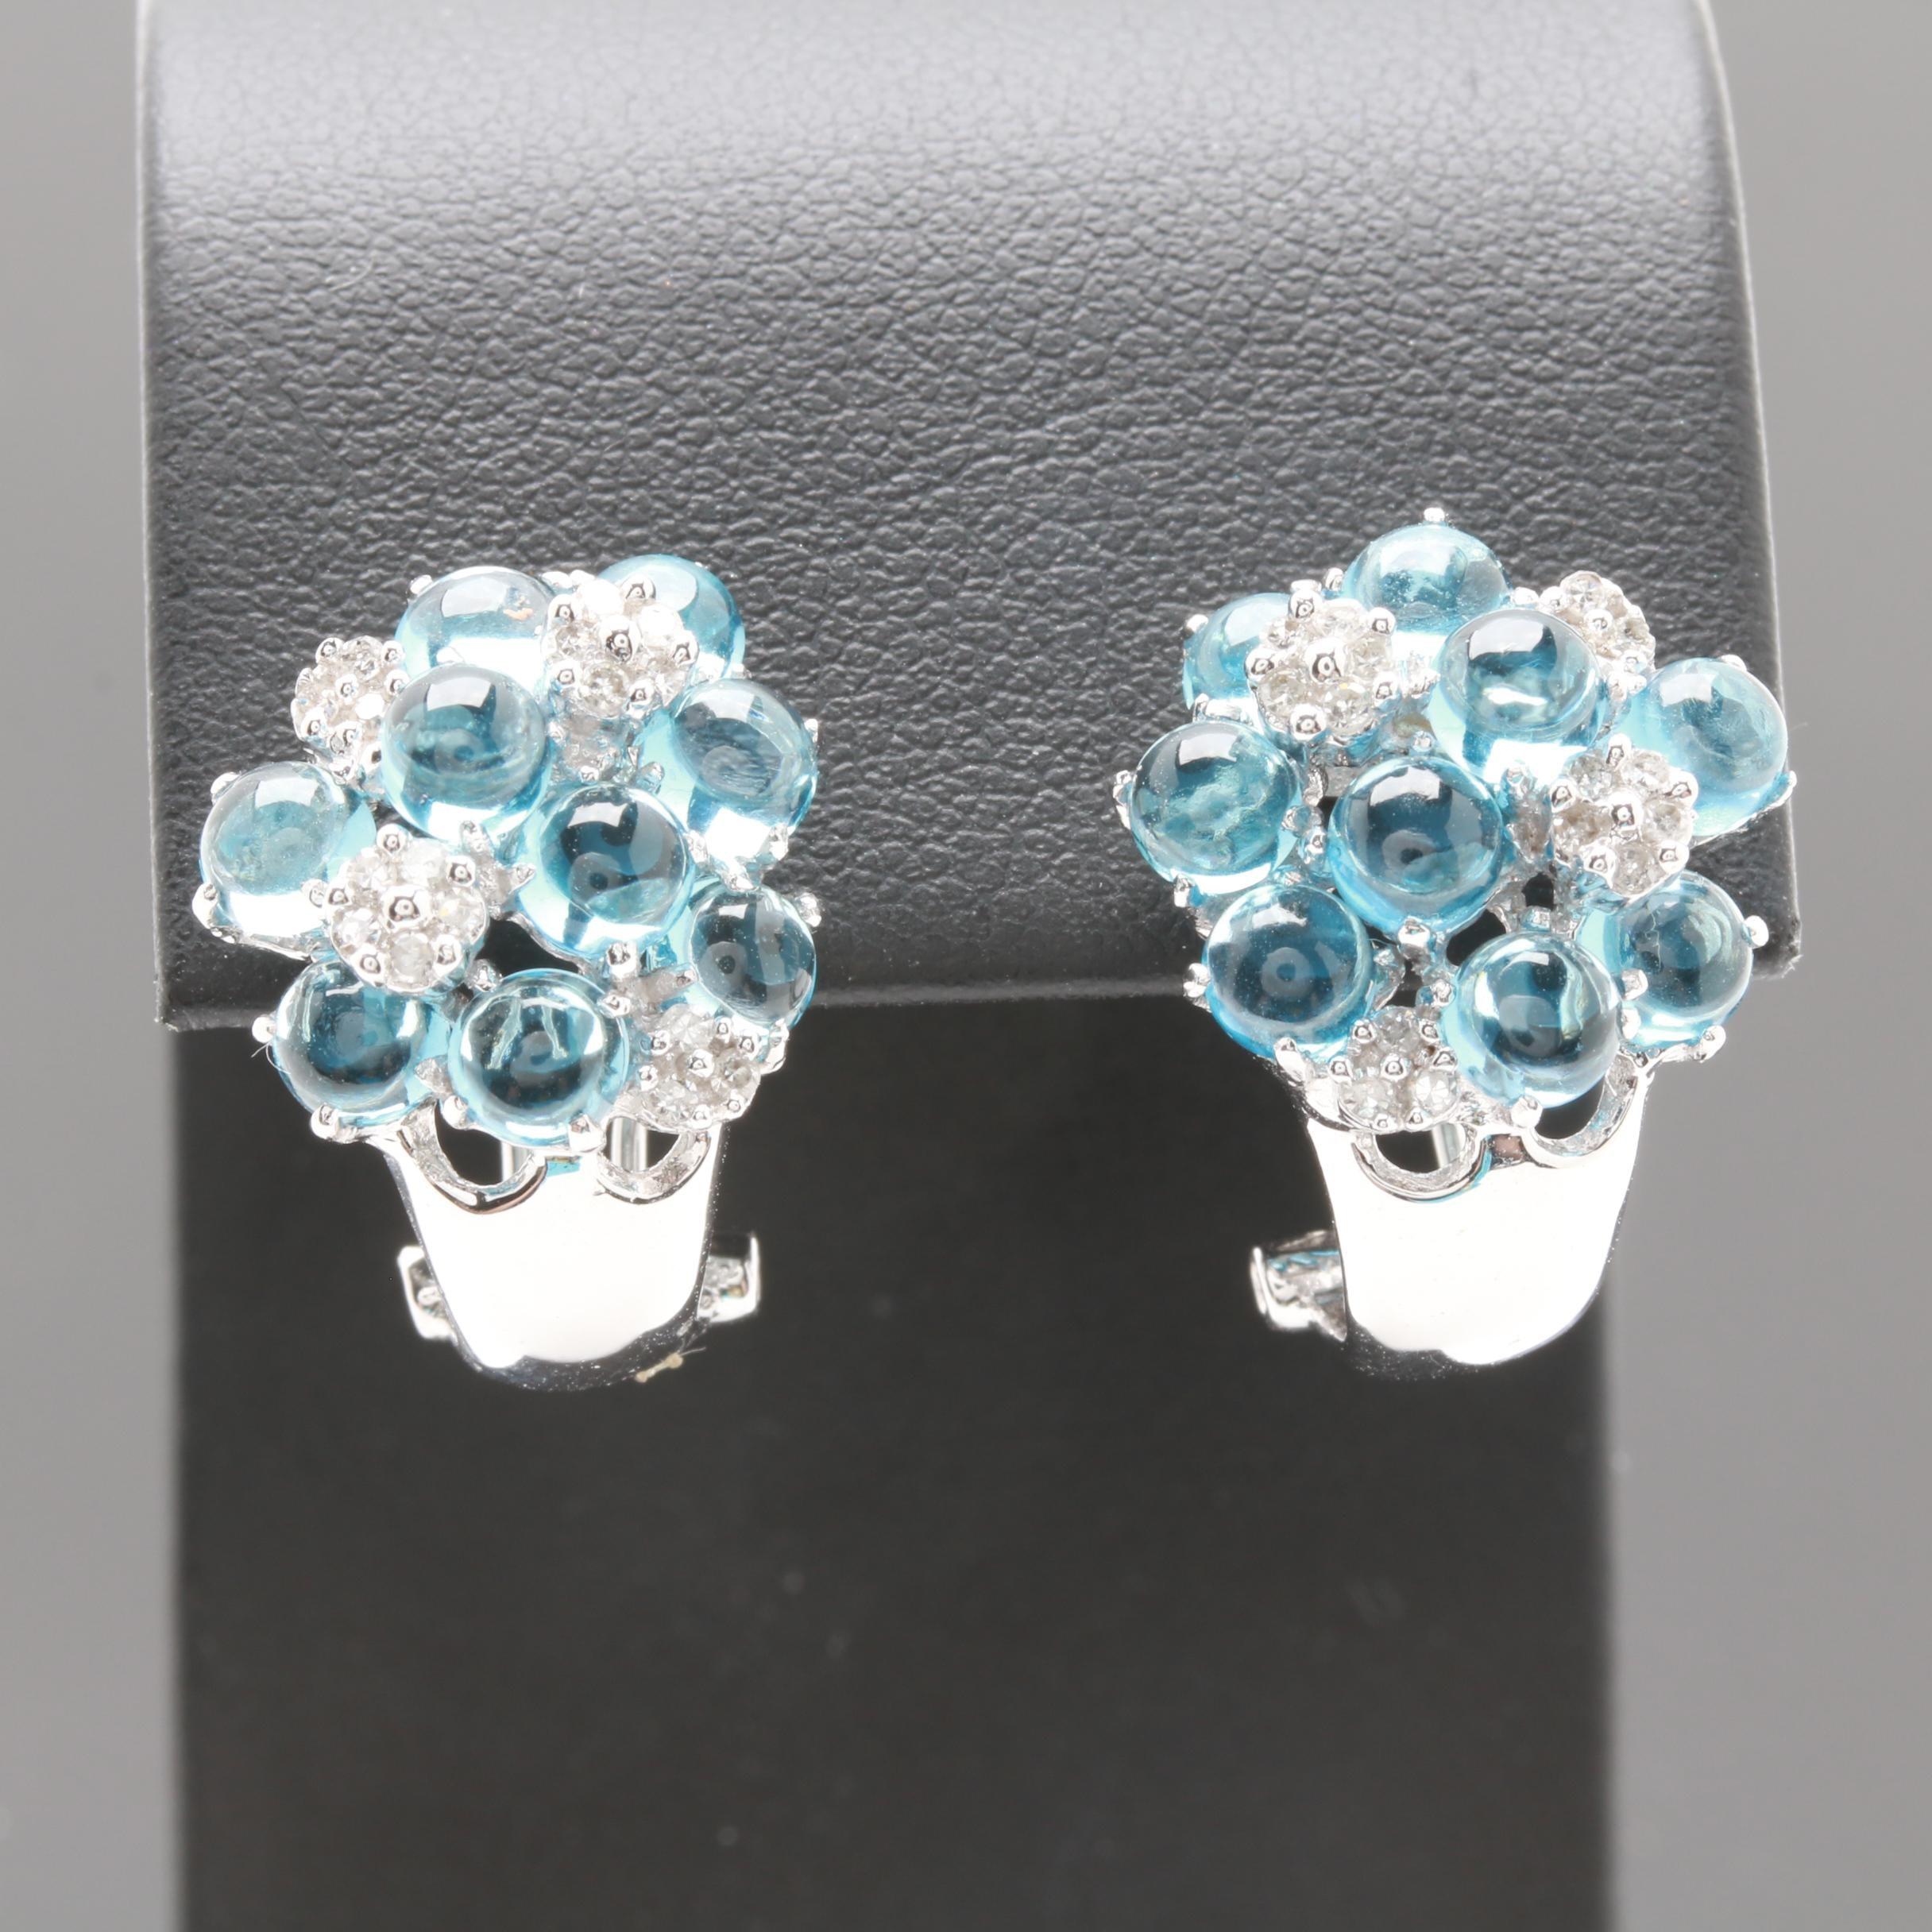 14K White Gold Blue Topaz and Diamond J-Hoop Earrings